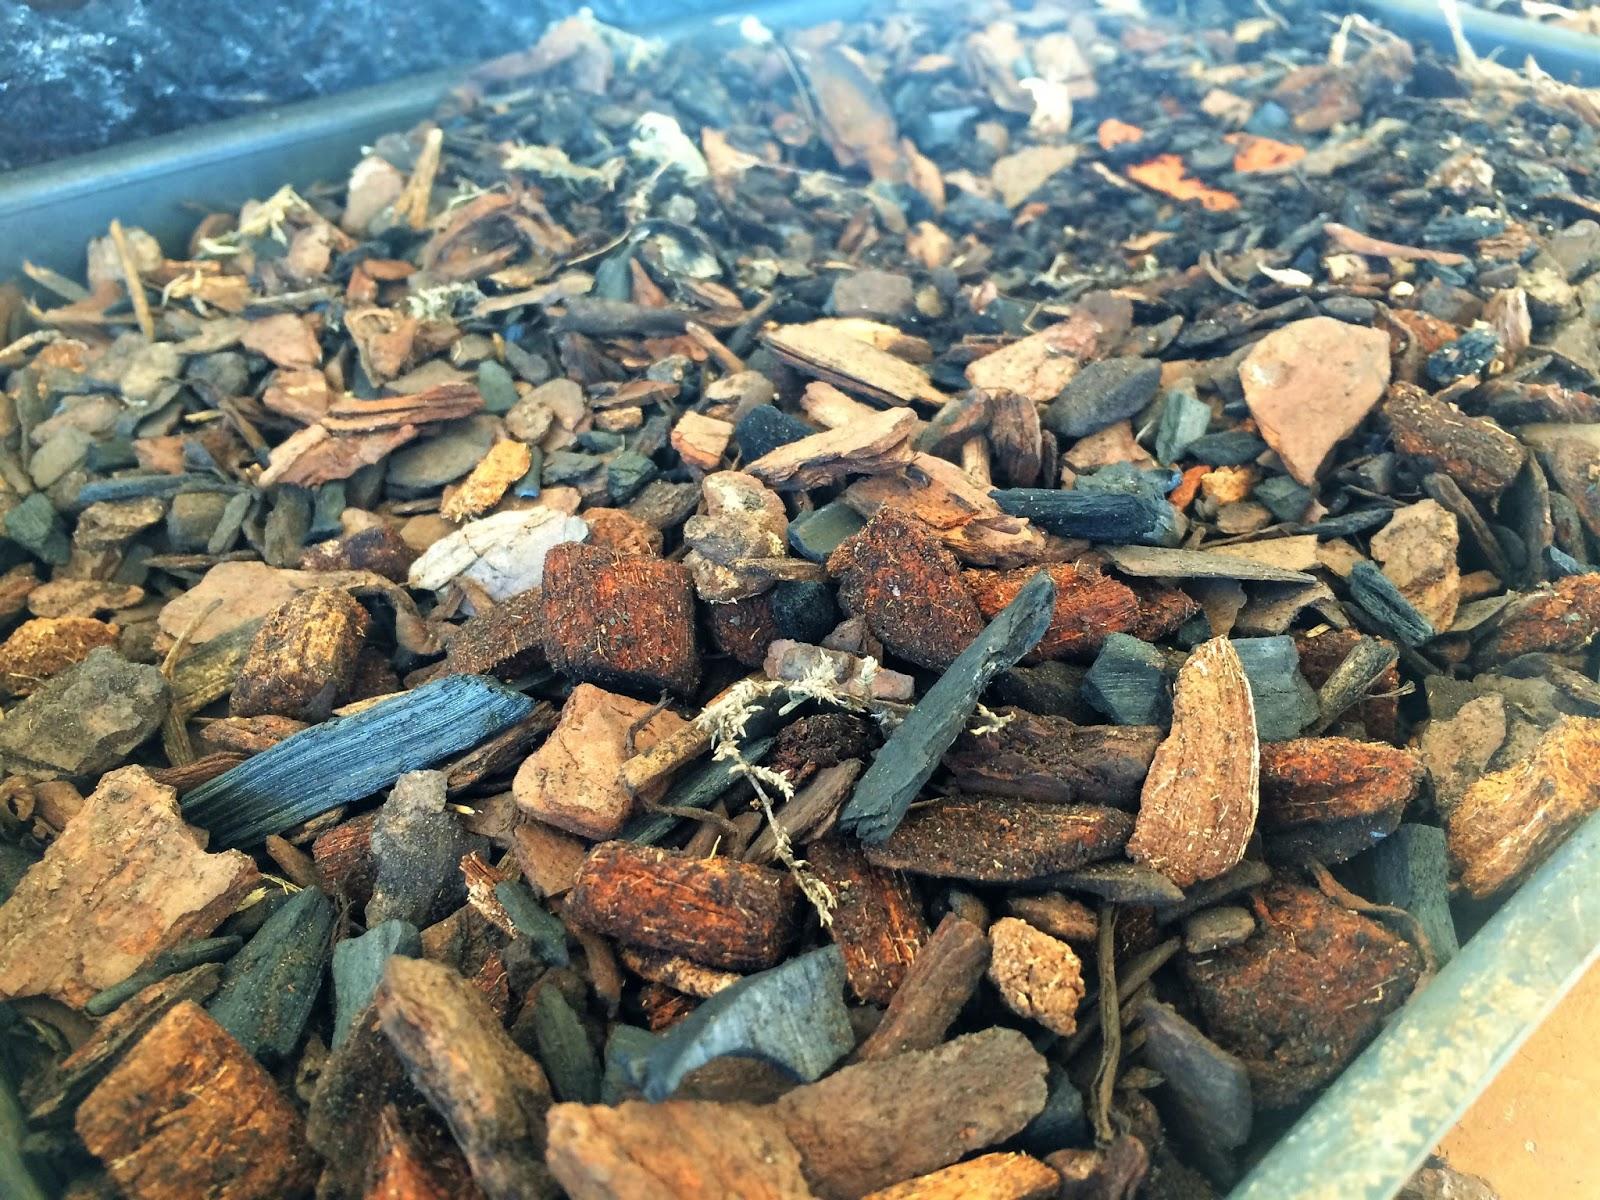 casca de pinus com carvão